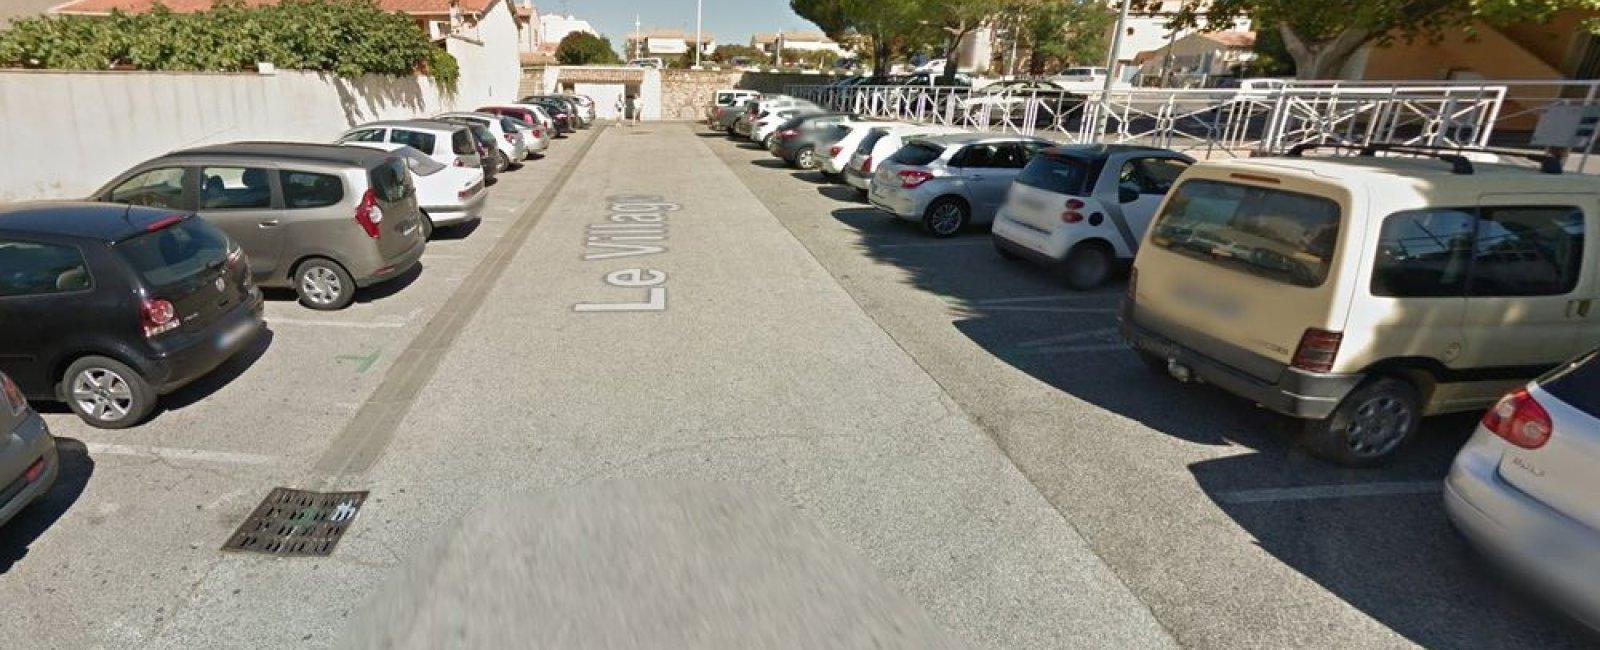 Les Parkings de Méditerranée Porte des Maures